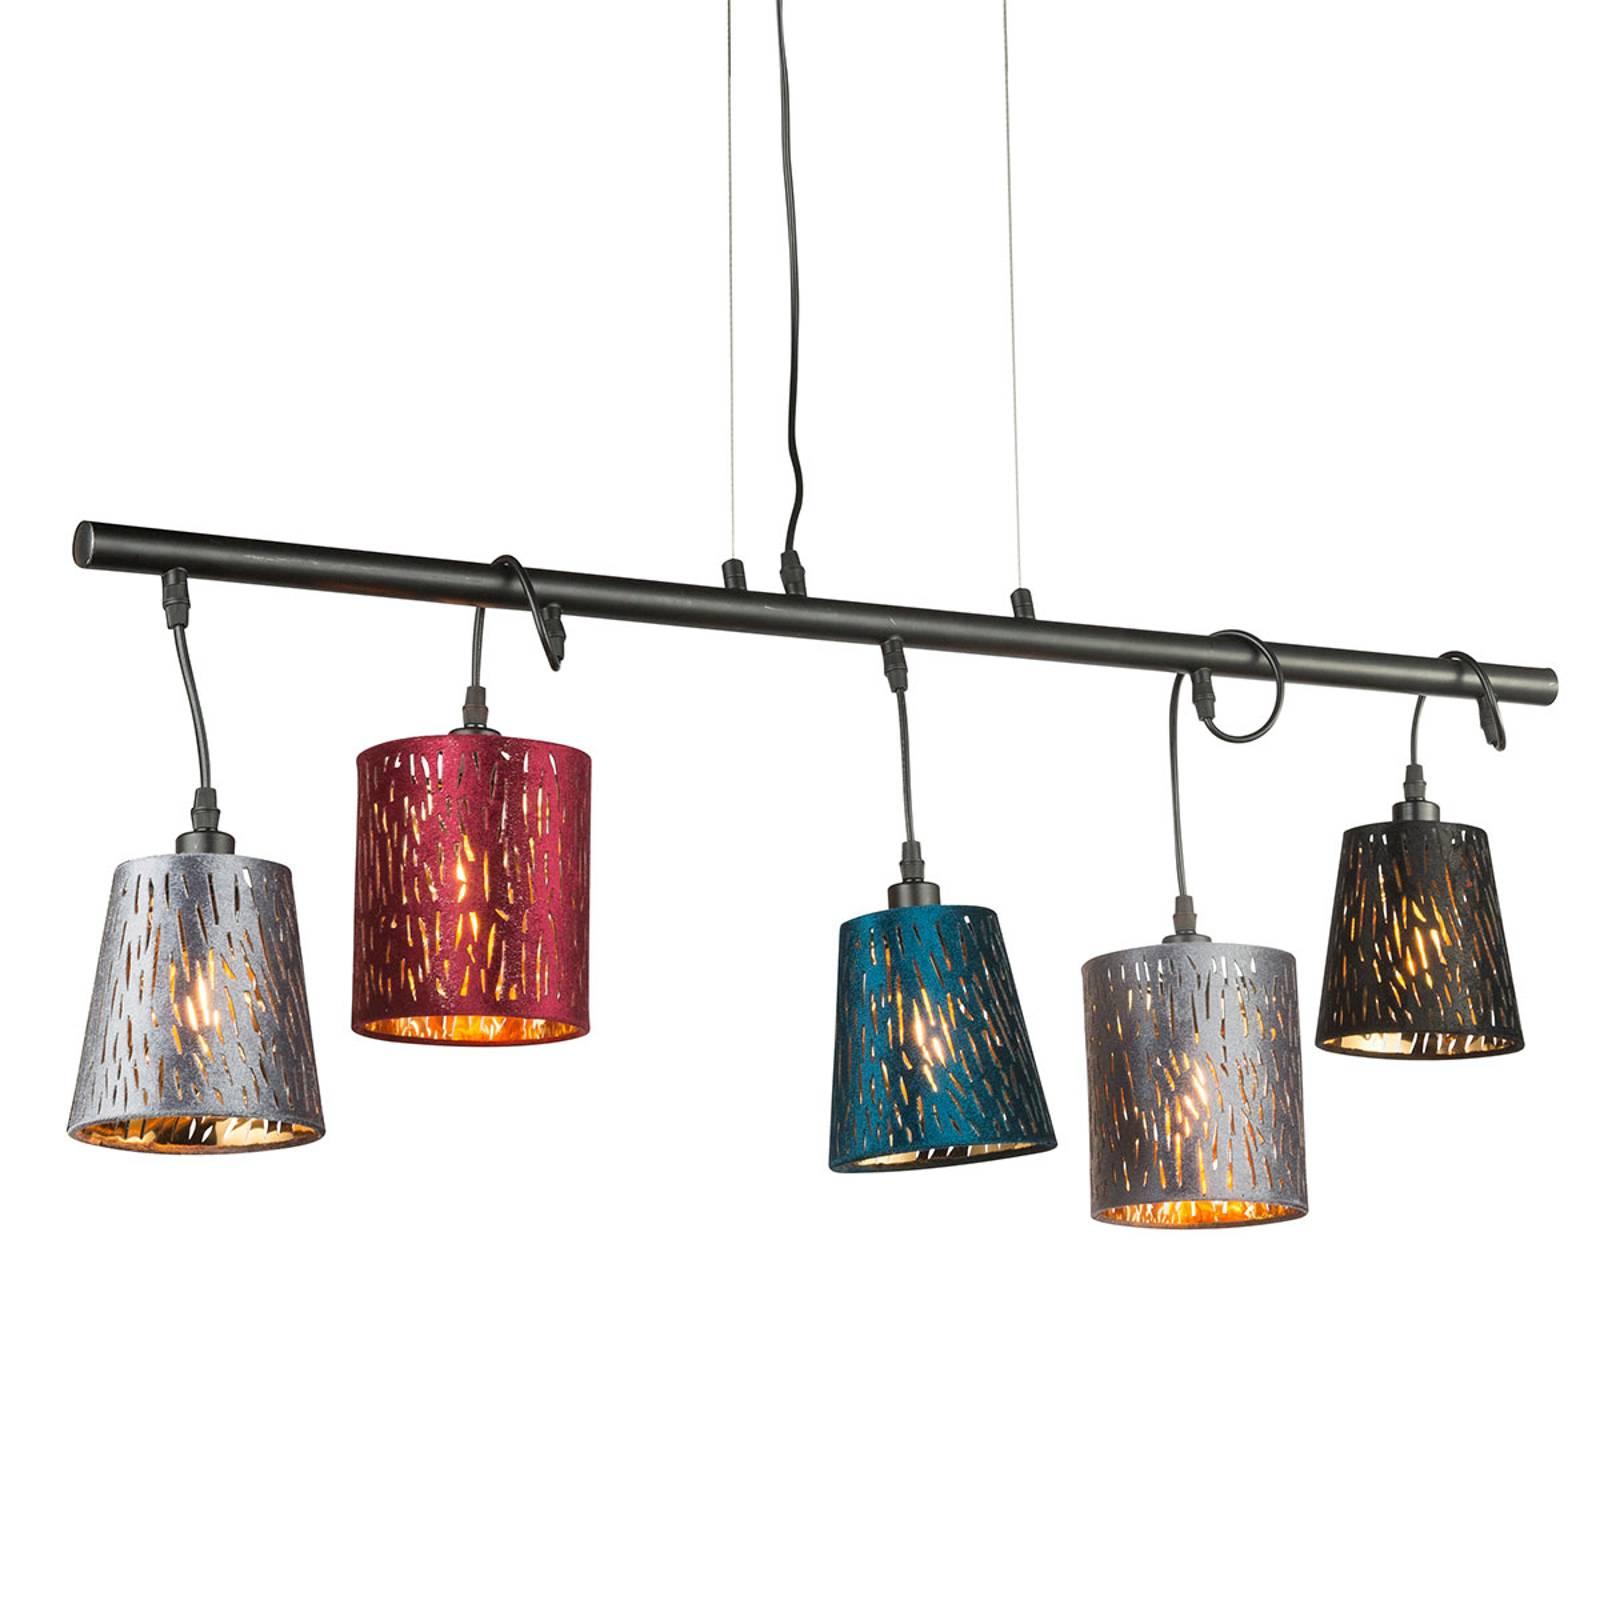 Hanglamp Ticon m 5 lampjes verstelbare lampenkap